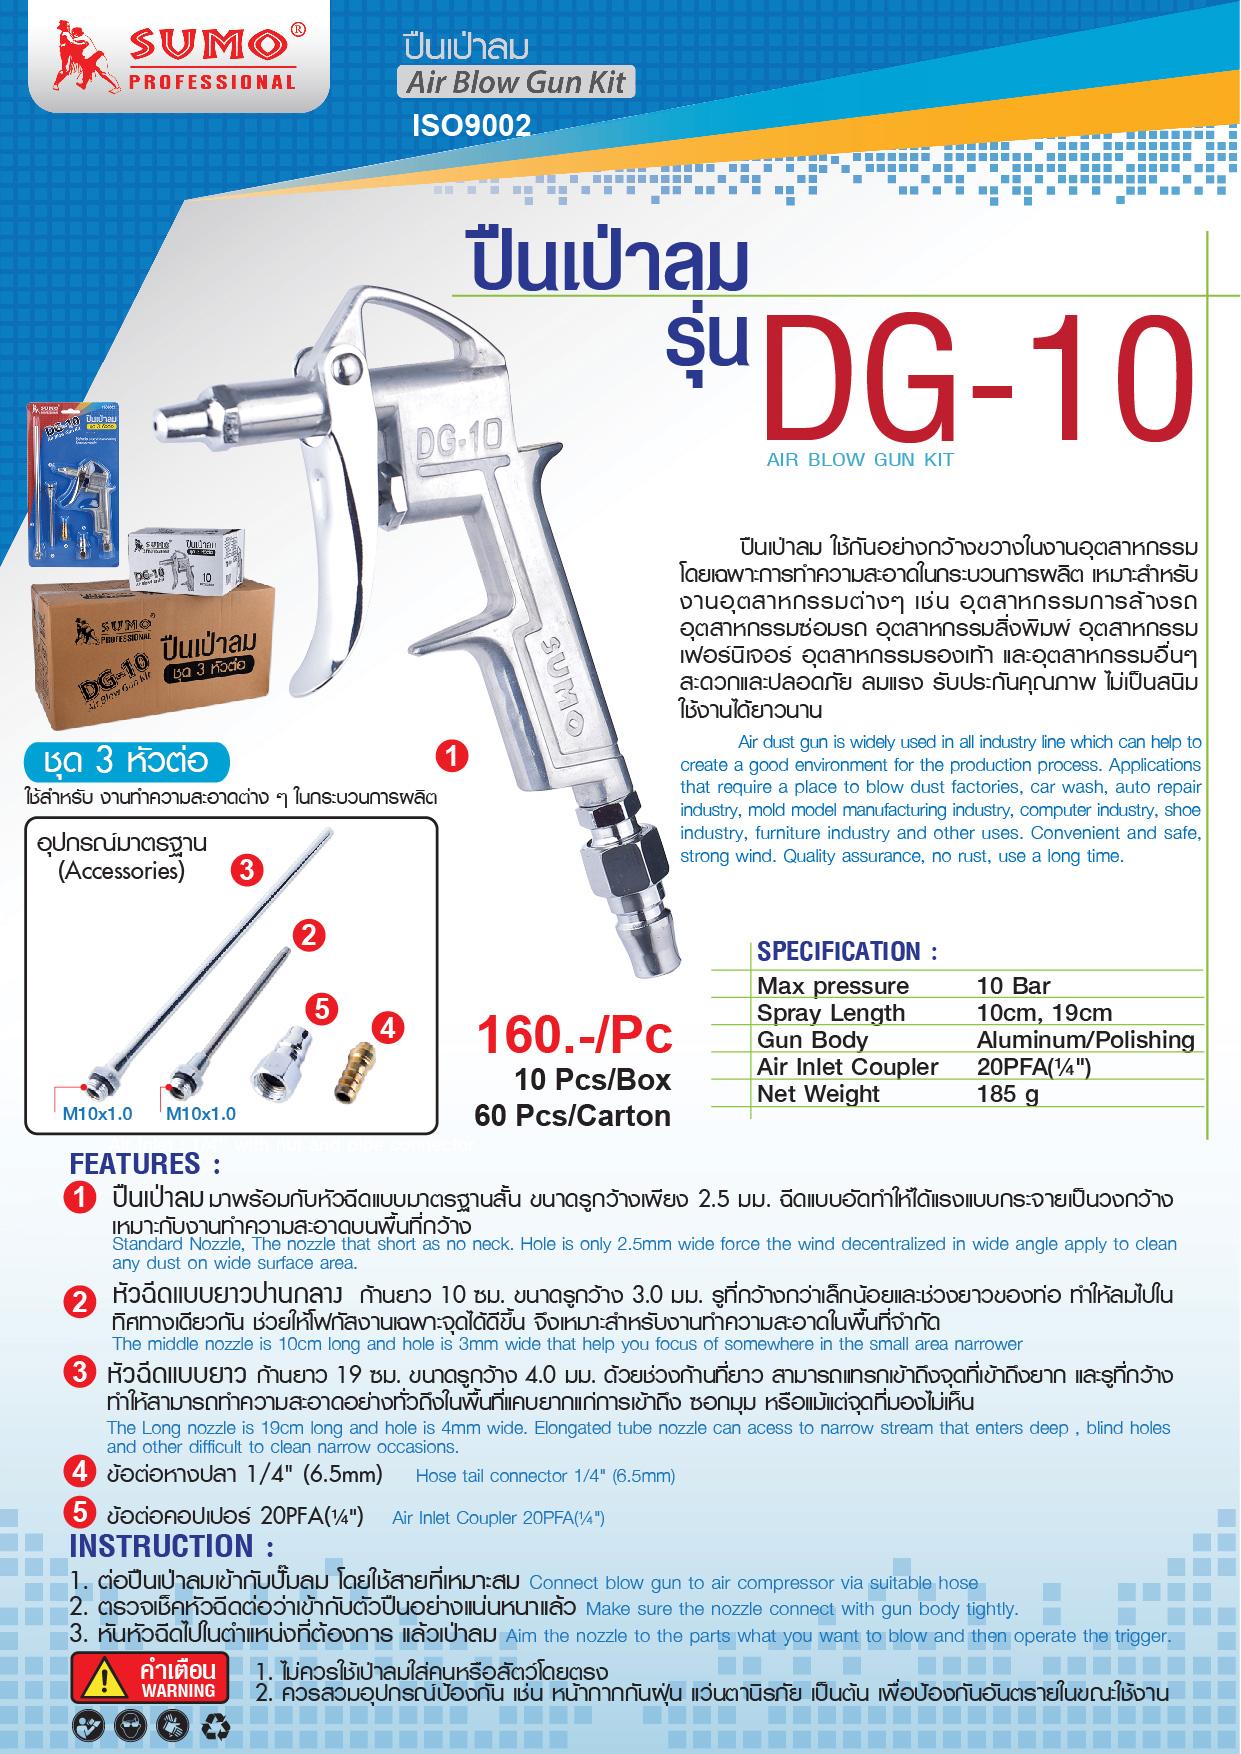 (29/29) ปืนเป่าลม รุ่น DG-10